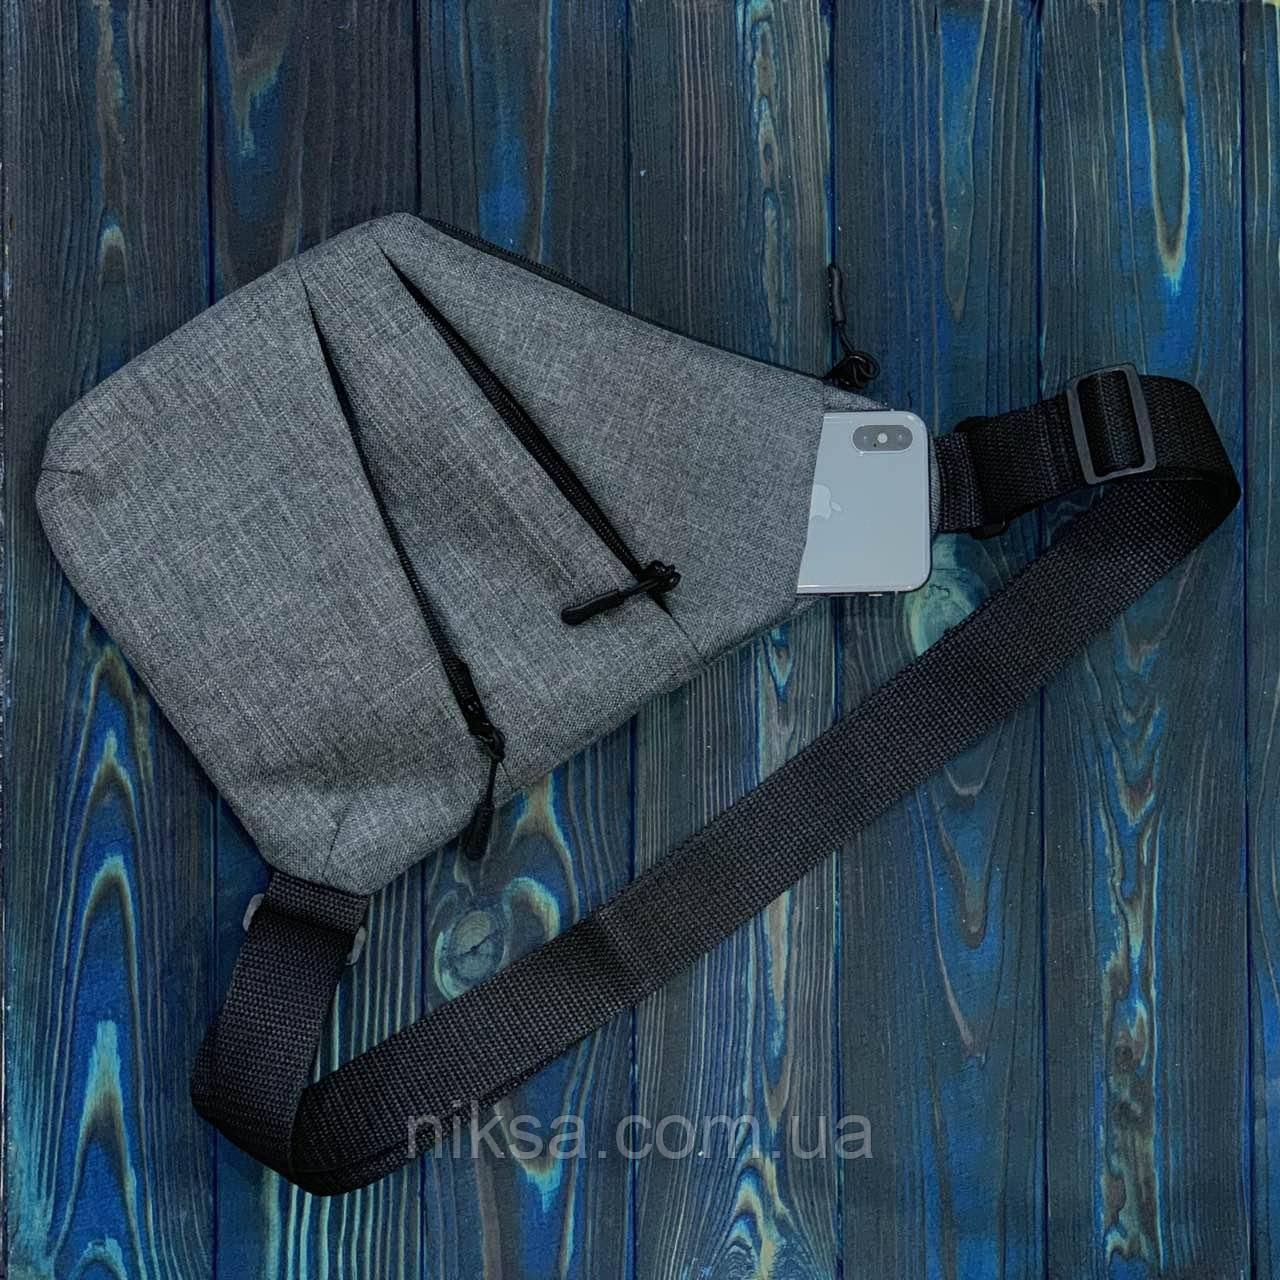 Сумка-Барсетка Nike мужская, ткань милан, размер 29х20х2